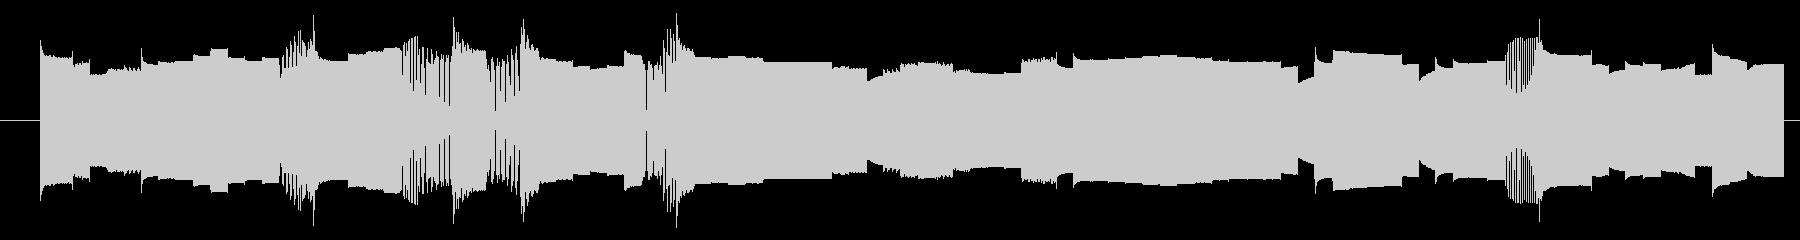 機械 カオスサインディストーション02の未再生の波形